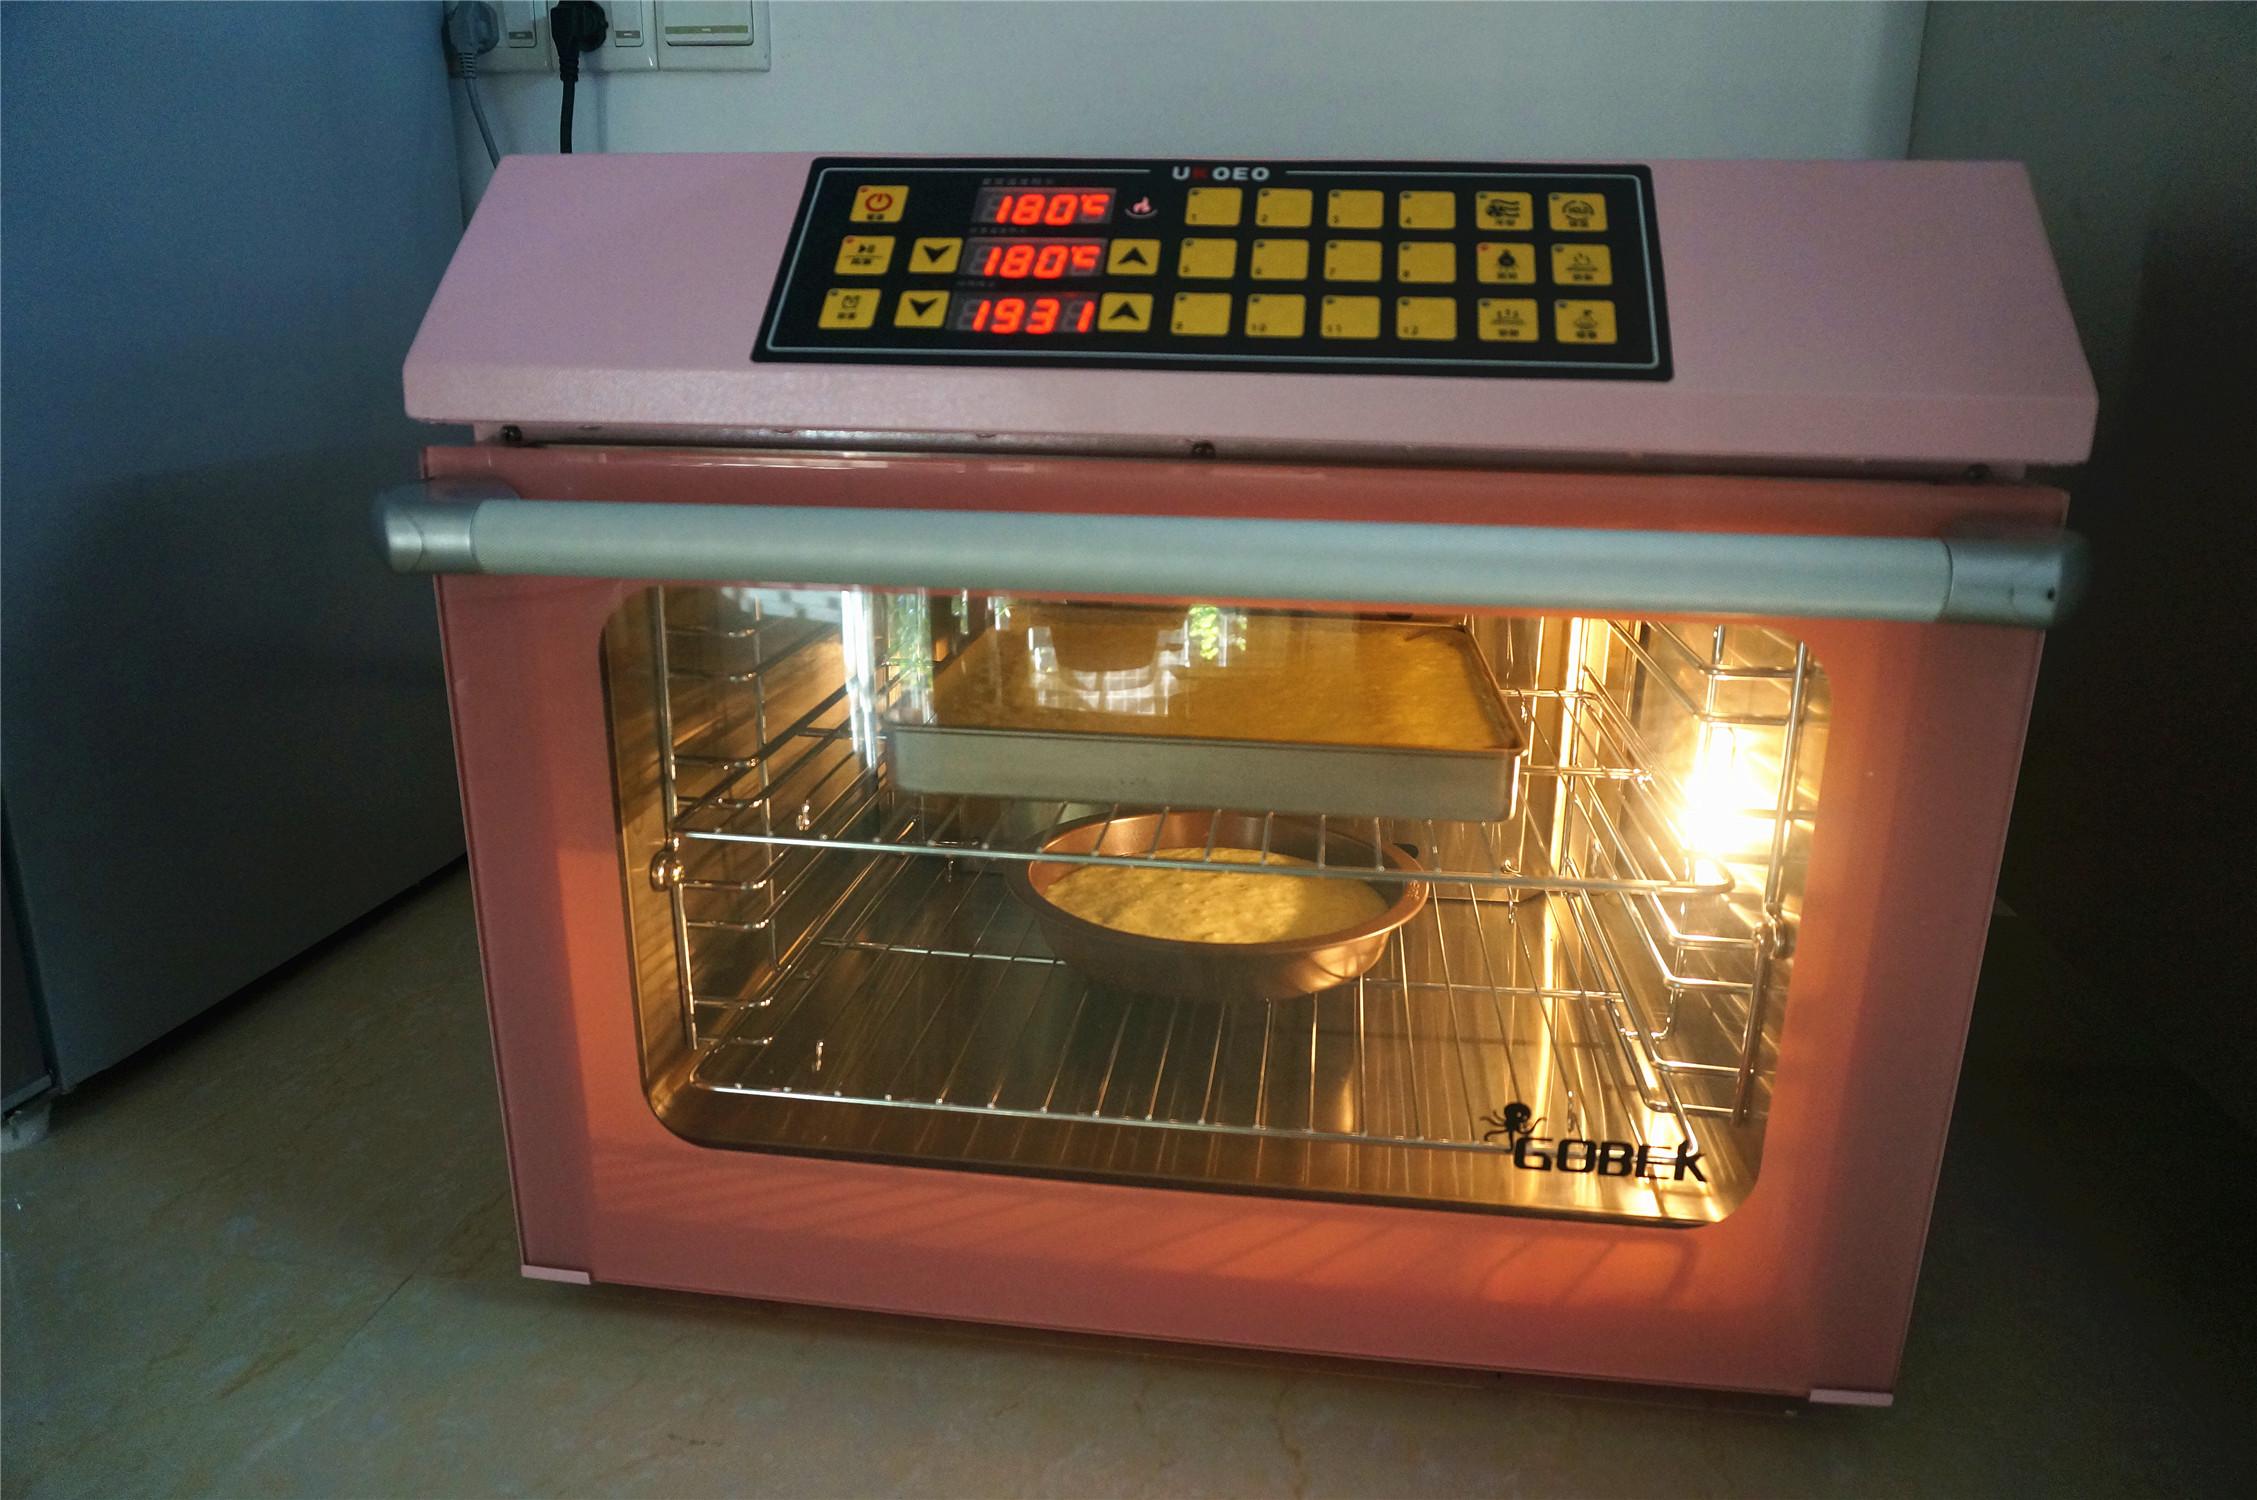 丸久小山园名物蛋糕卷--抹茶,风炉180度提前预热,预热好后,放入烘烤20分钟左右。出炉后倒扣到冷却架上,撕去底部的油布,将蛋糕翻转,正面朝上放置冷却至温温的状态。</p> <p>